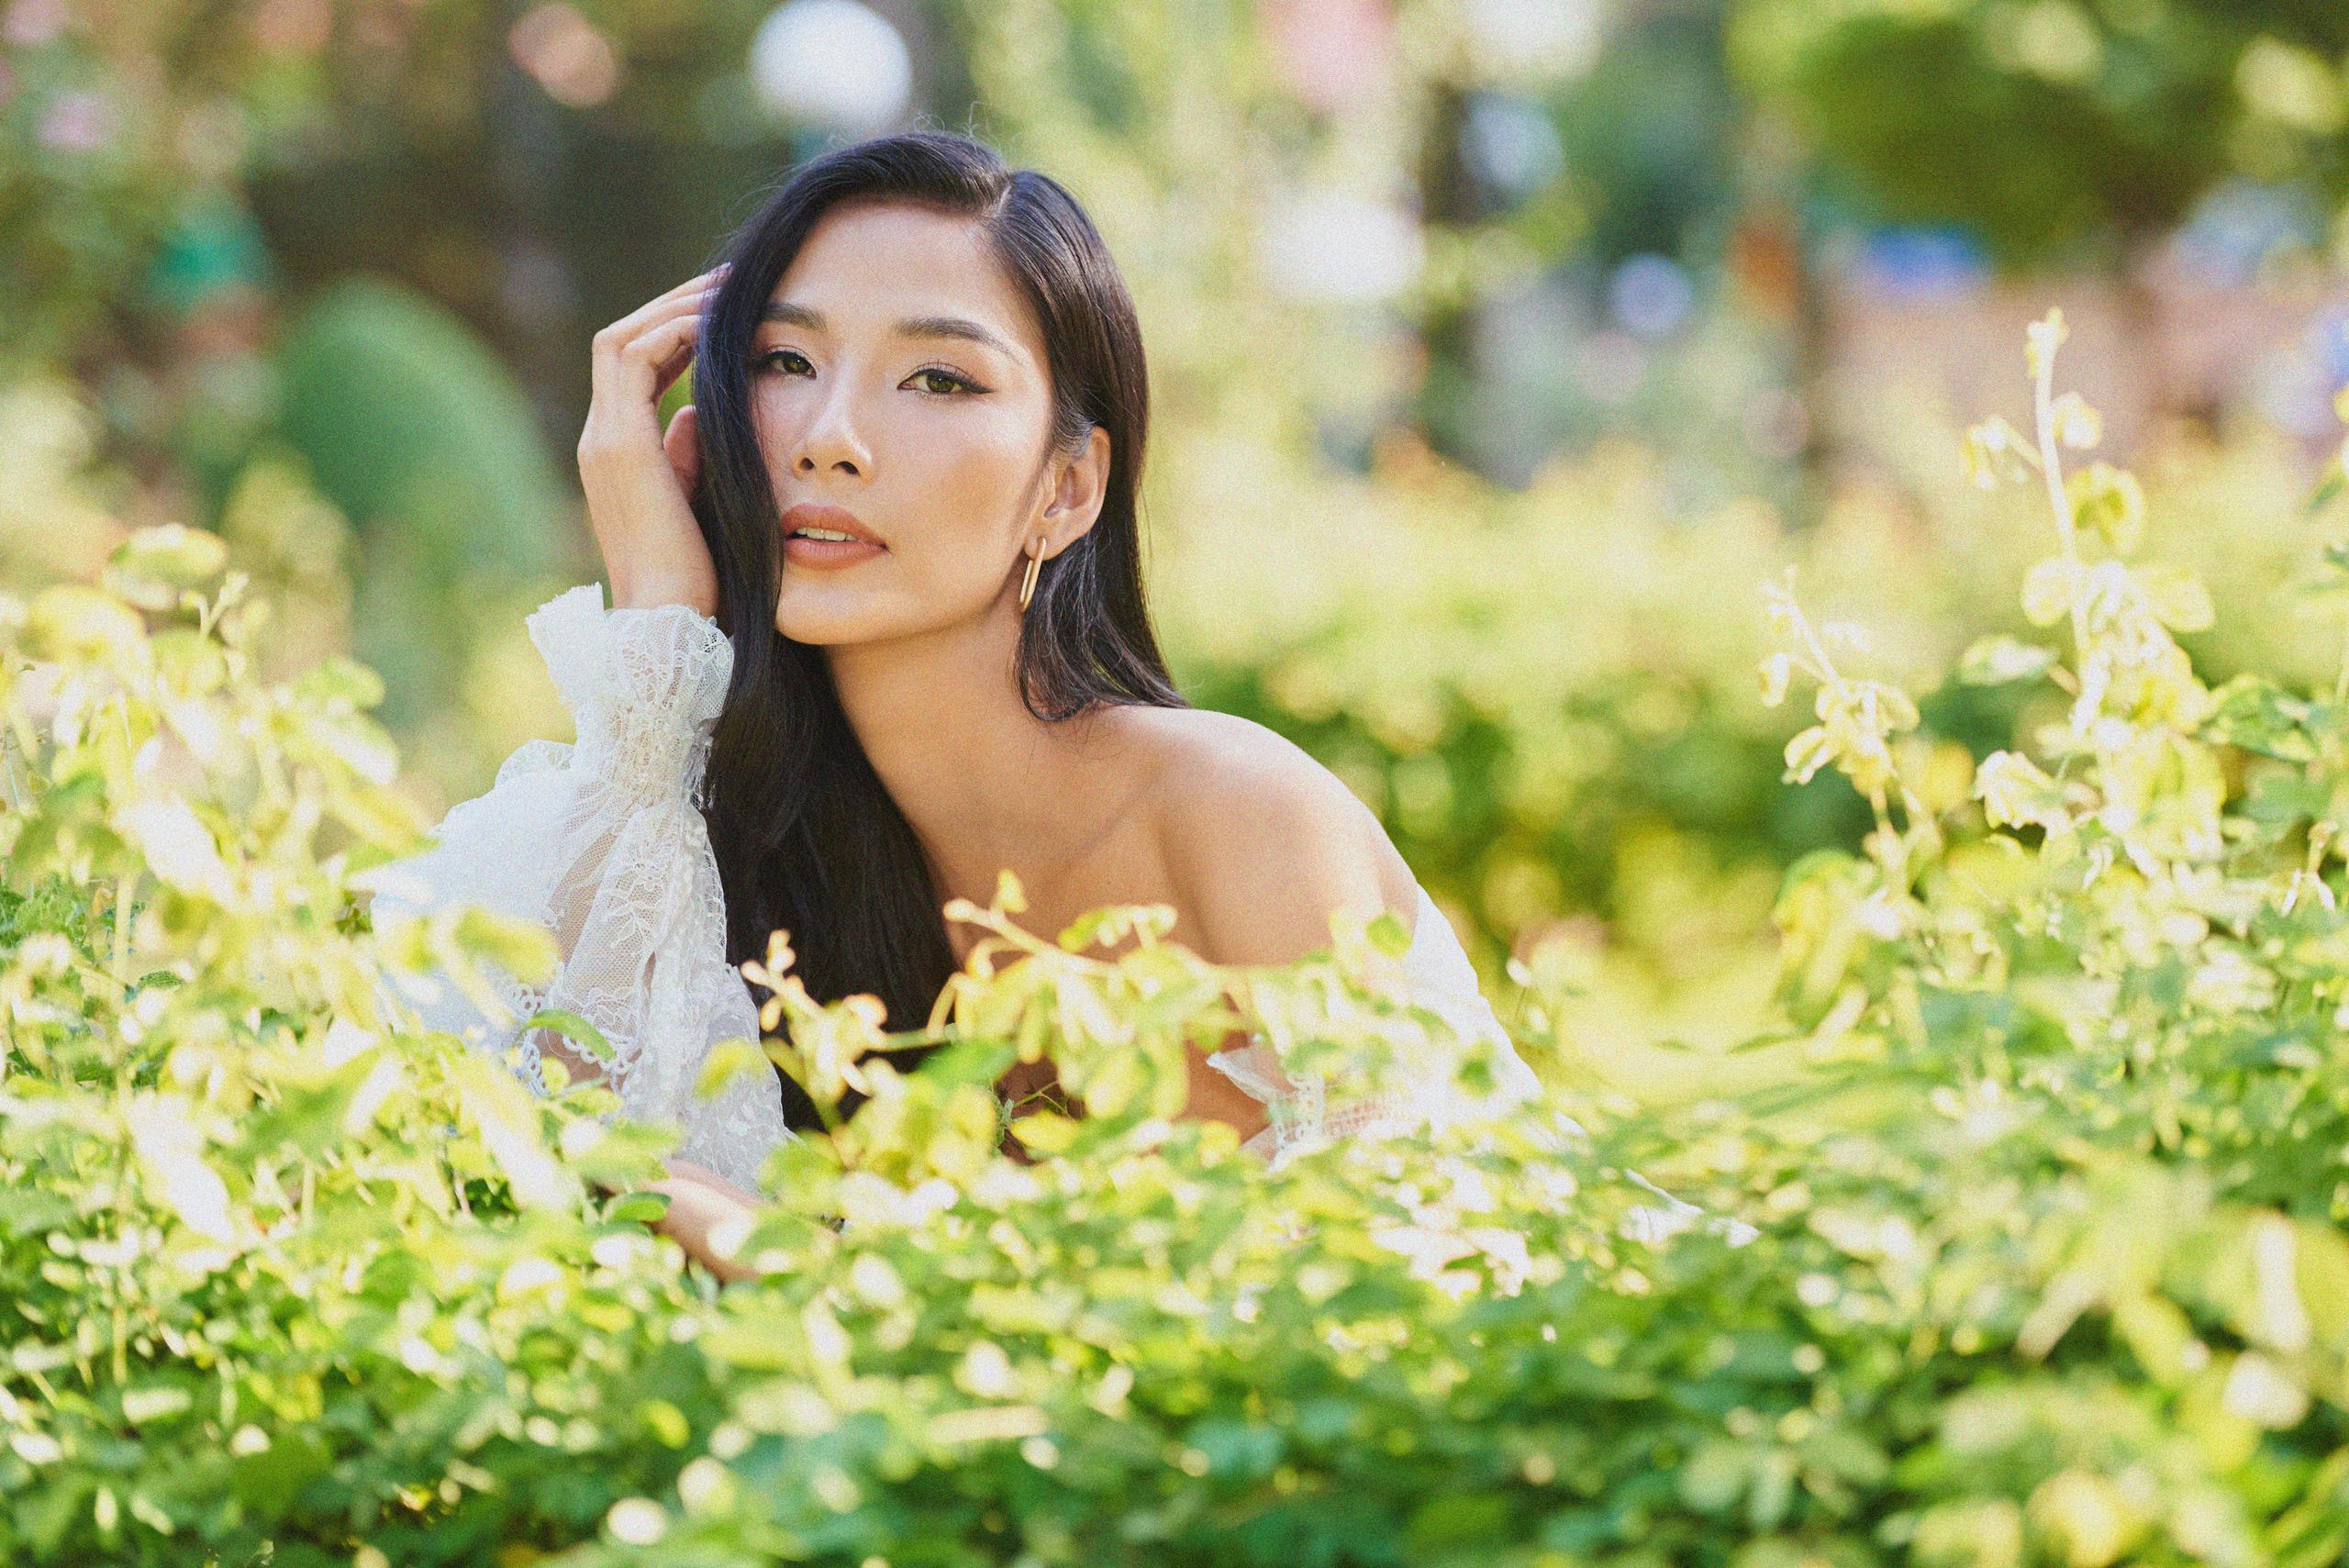 """Đụng bộ váy nàng thơ, Mai Phương Thúy lấn át Hoàng Thùy từ vòng 1 trễ nải đến kiểu tóc """"hợp dơ"""" - Ảnh 6."""